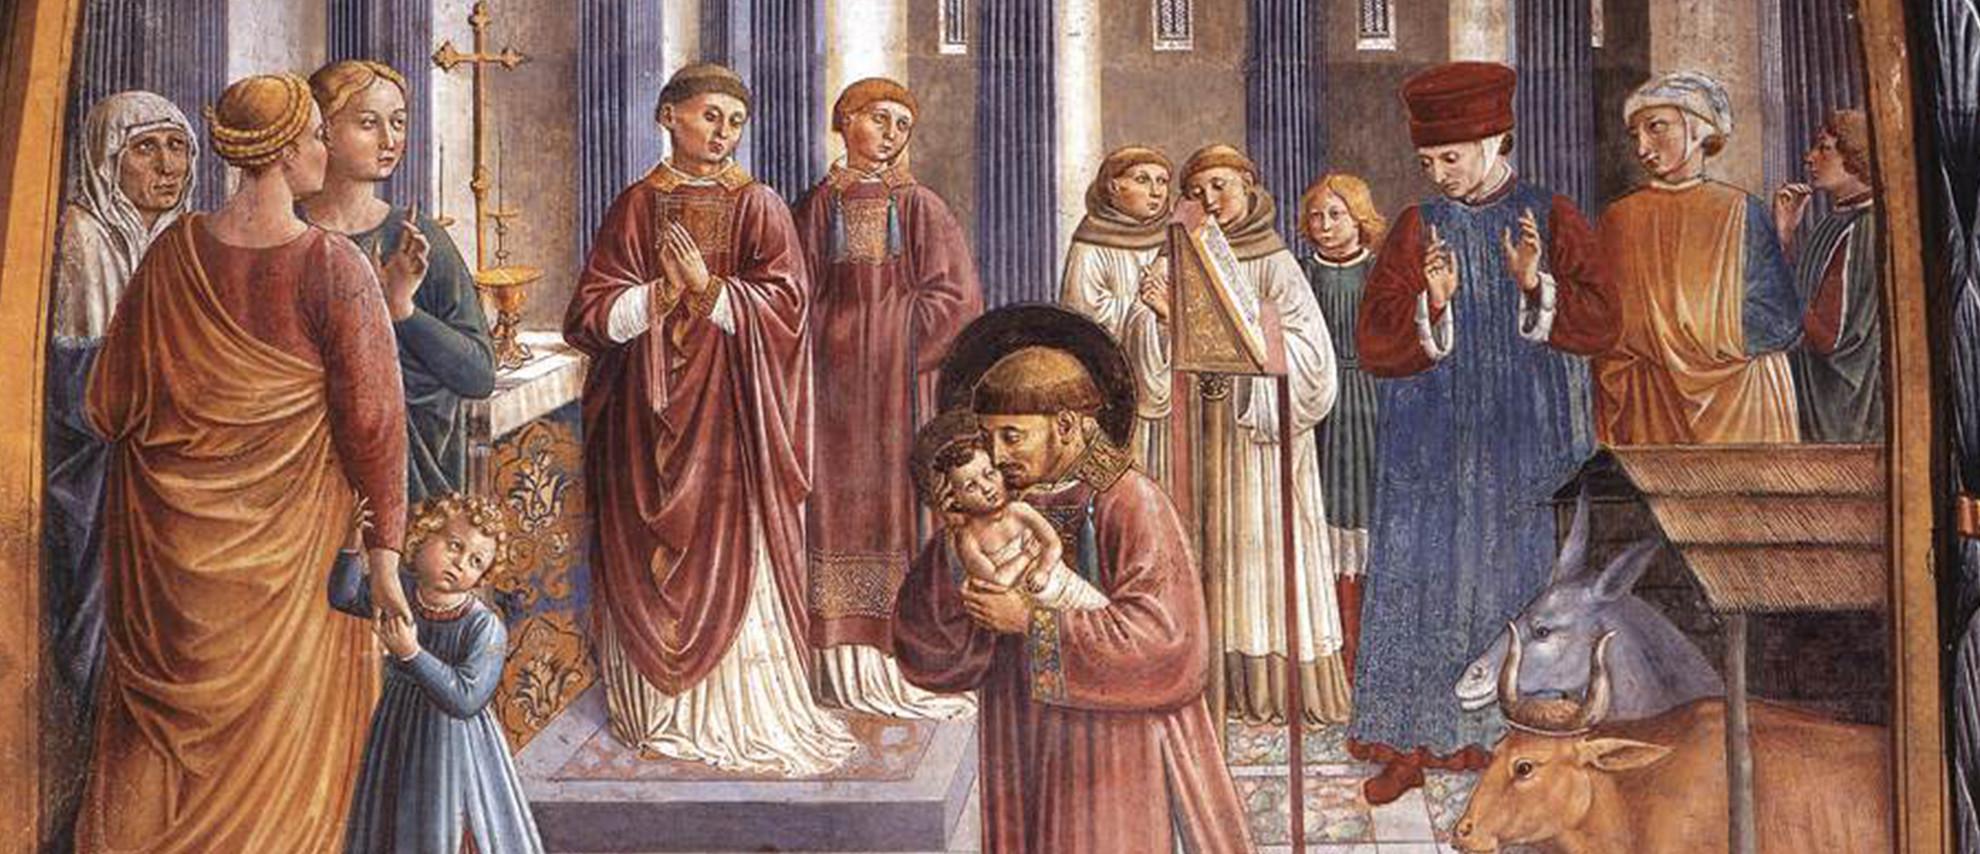 136129-l-avent-avec-les-franciscains